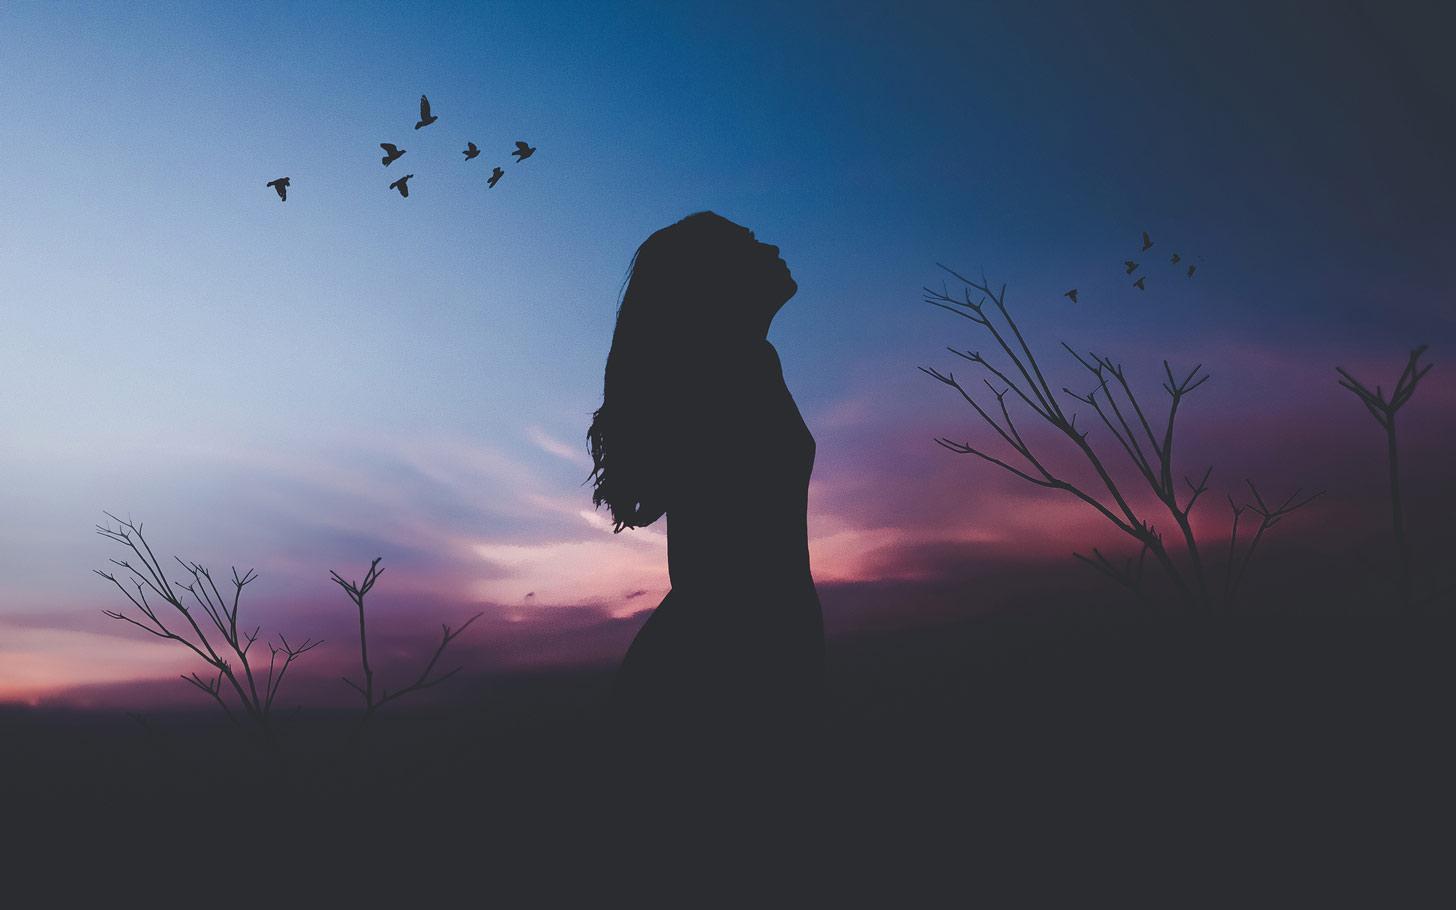 Hình ảnh cô đơn thể hiện tâm trạng buồn, chán nản để thay avatar dành cho các bạn nữ.